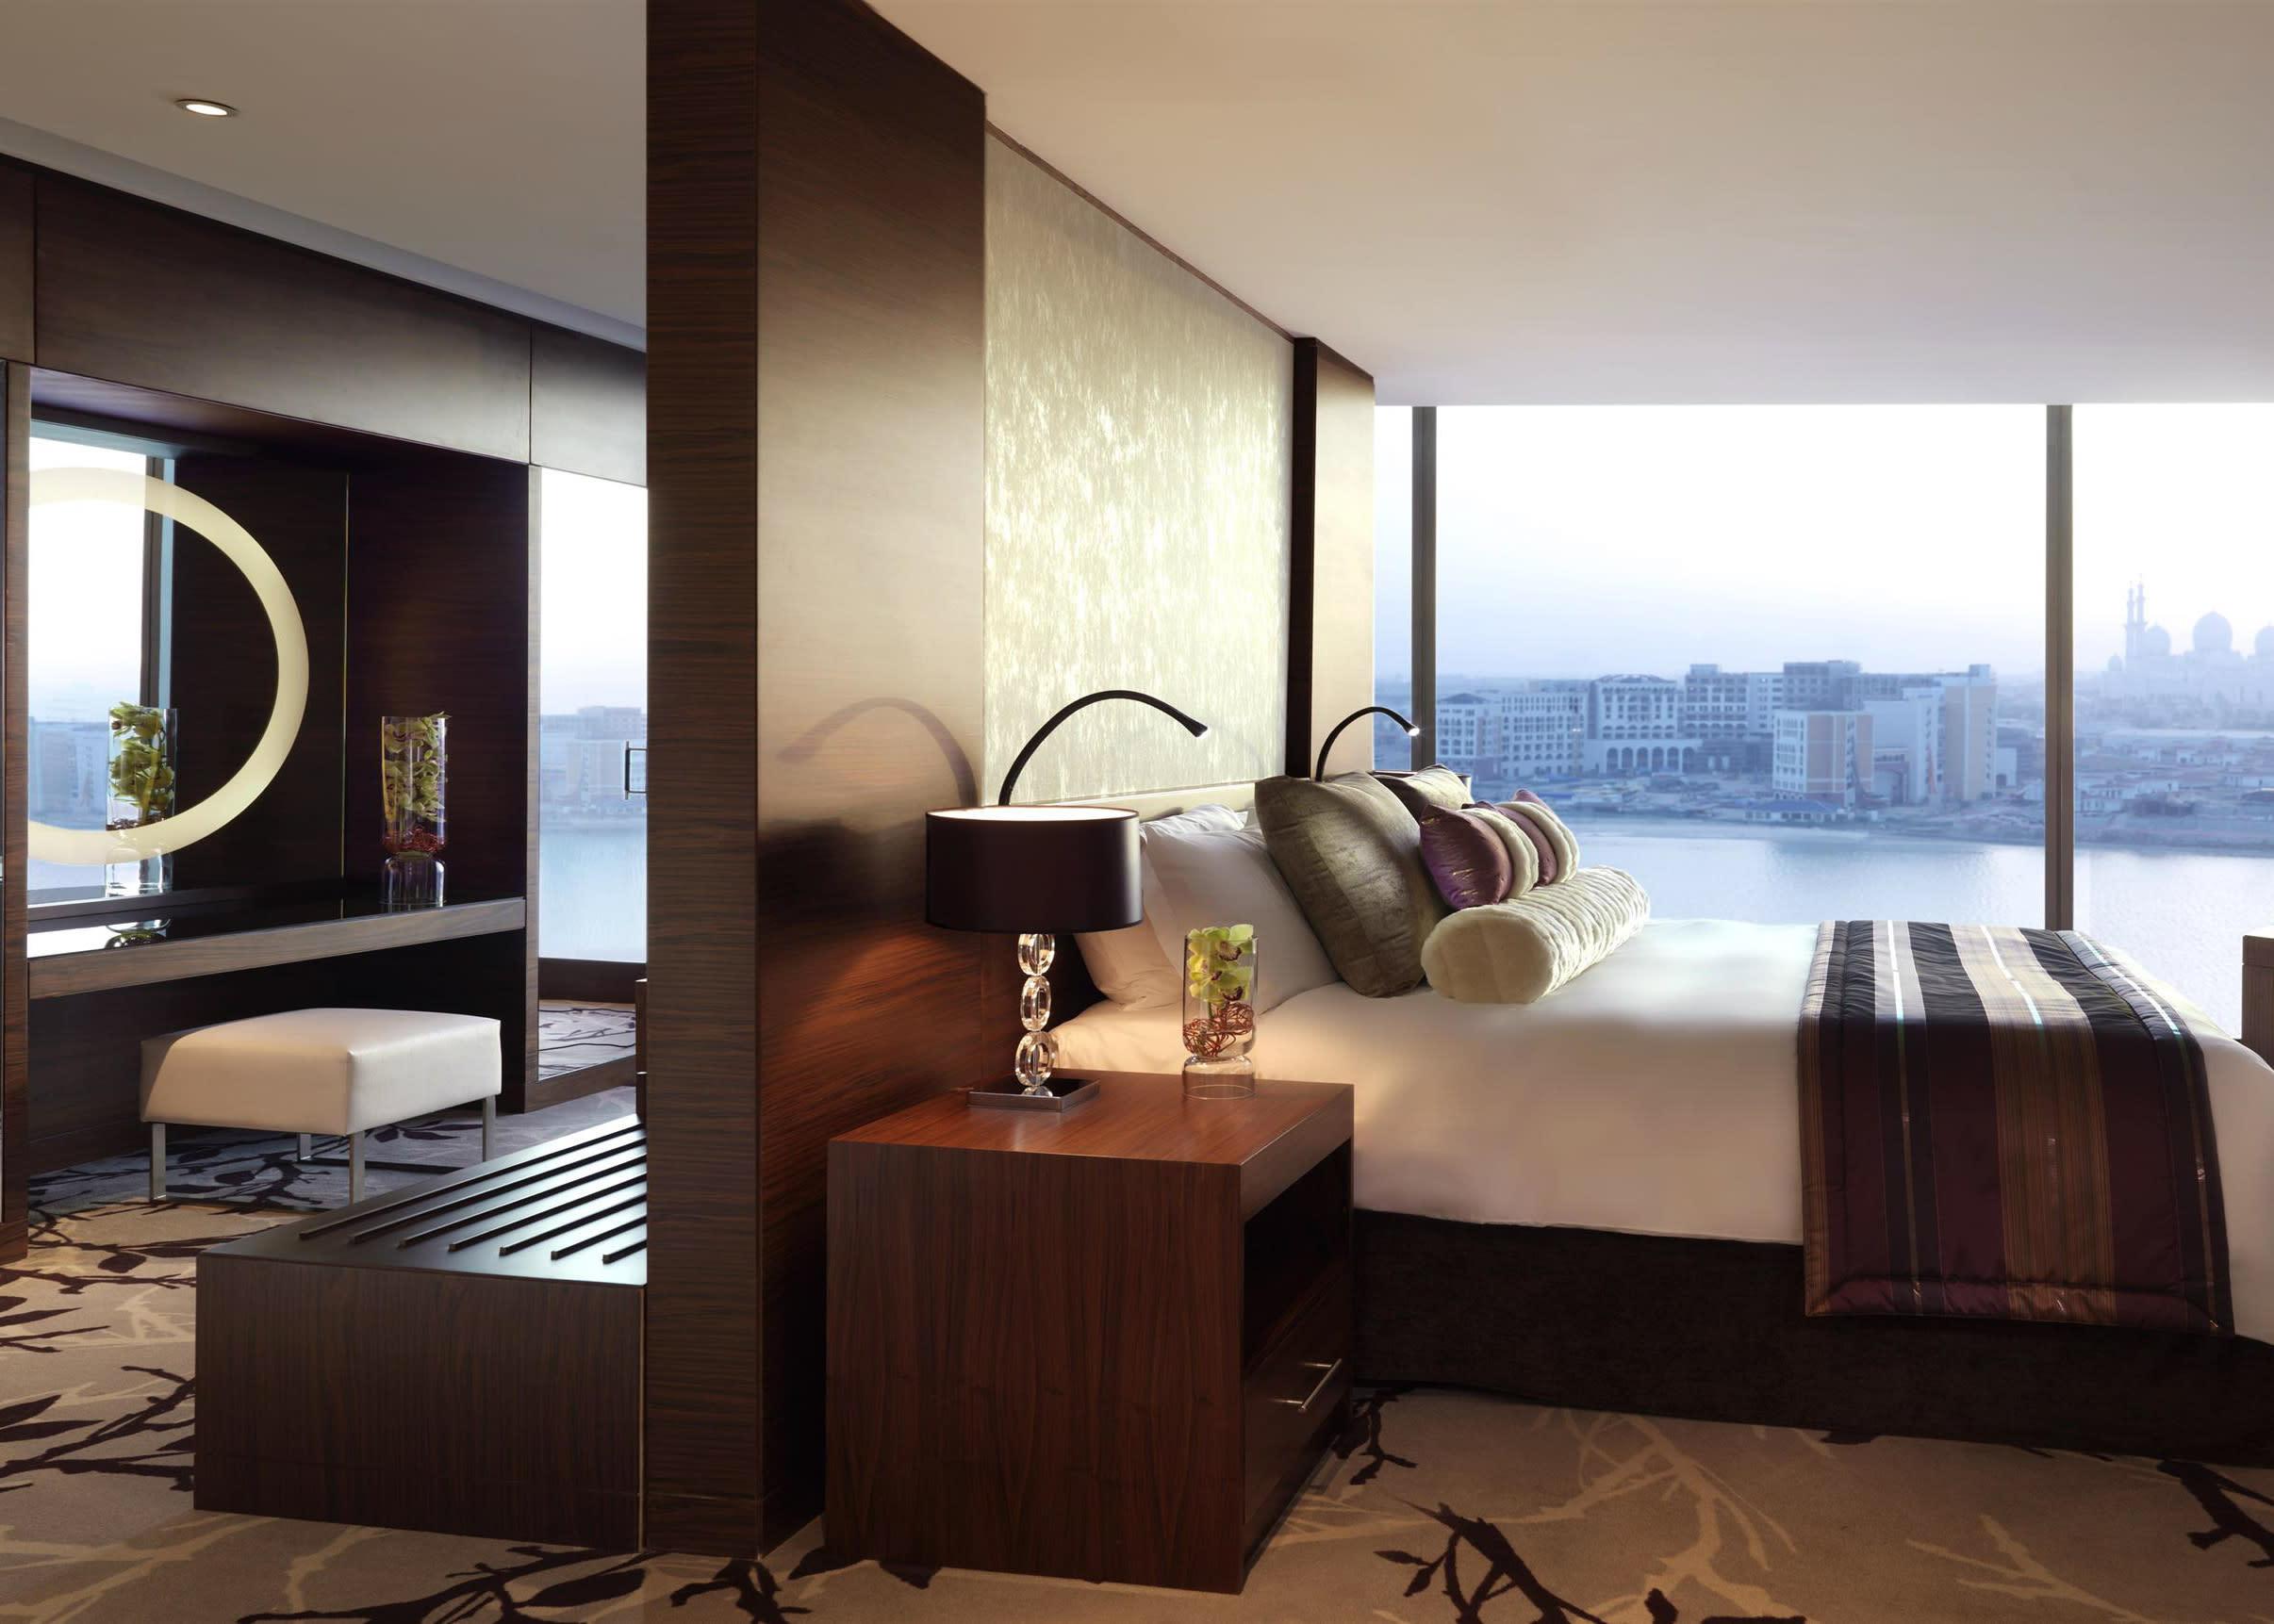 Fairmont Suite View